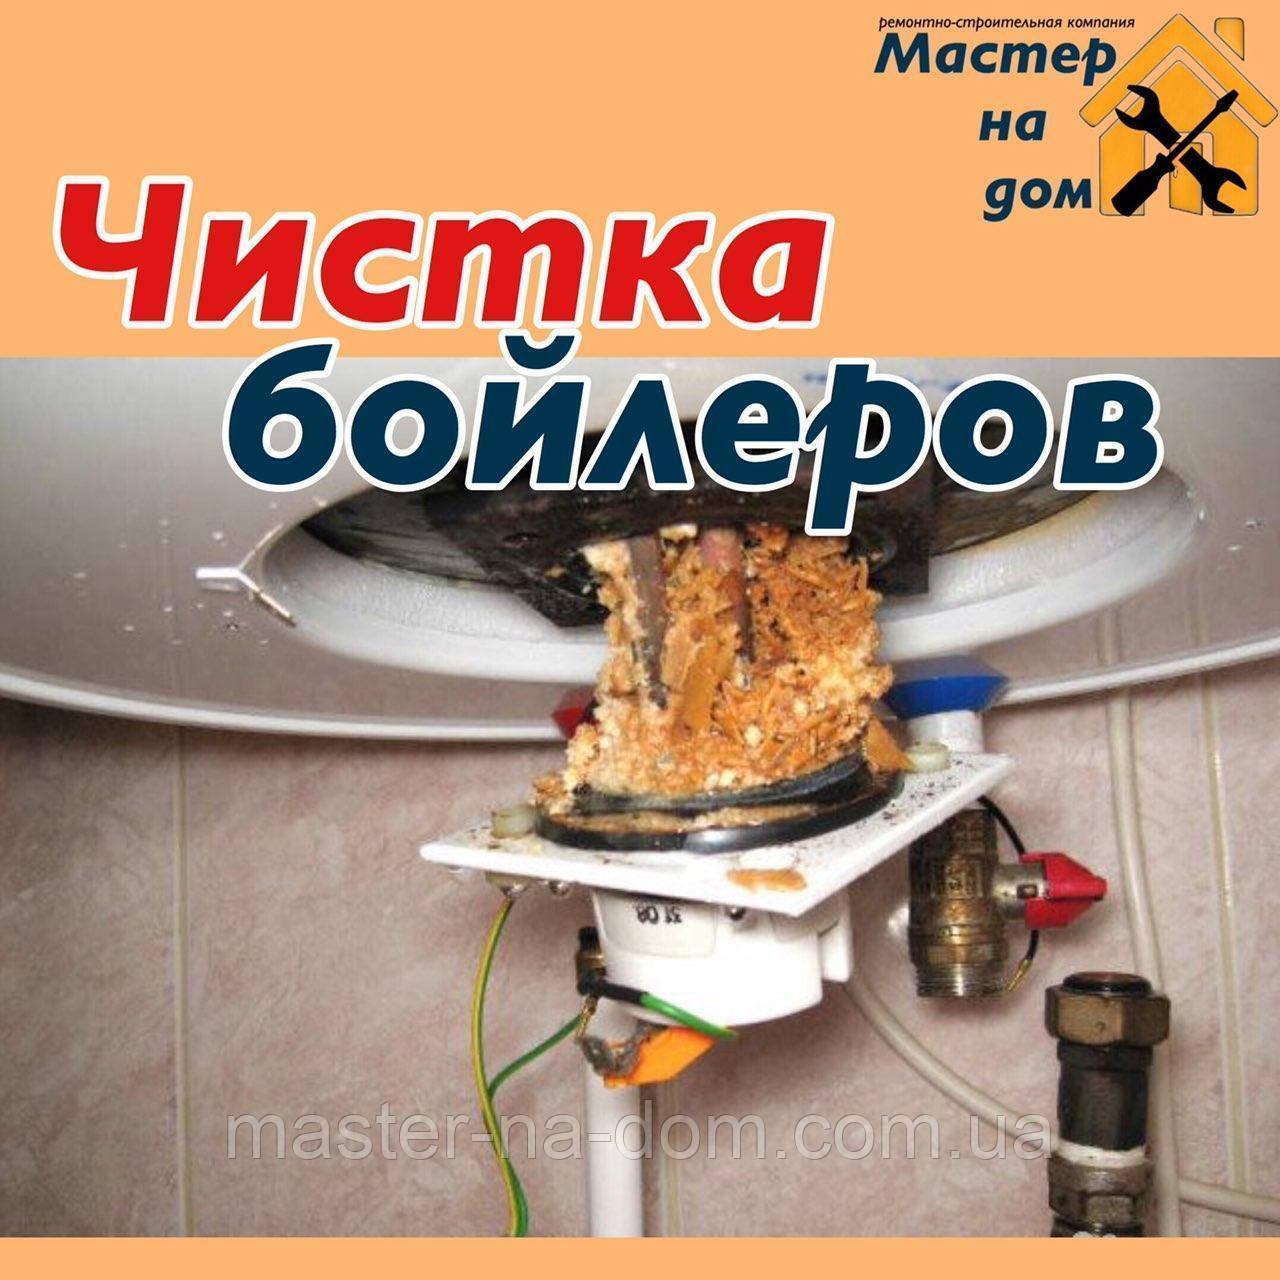 Чистка бойлеров в Николаеве